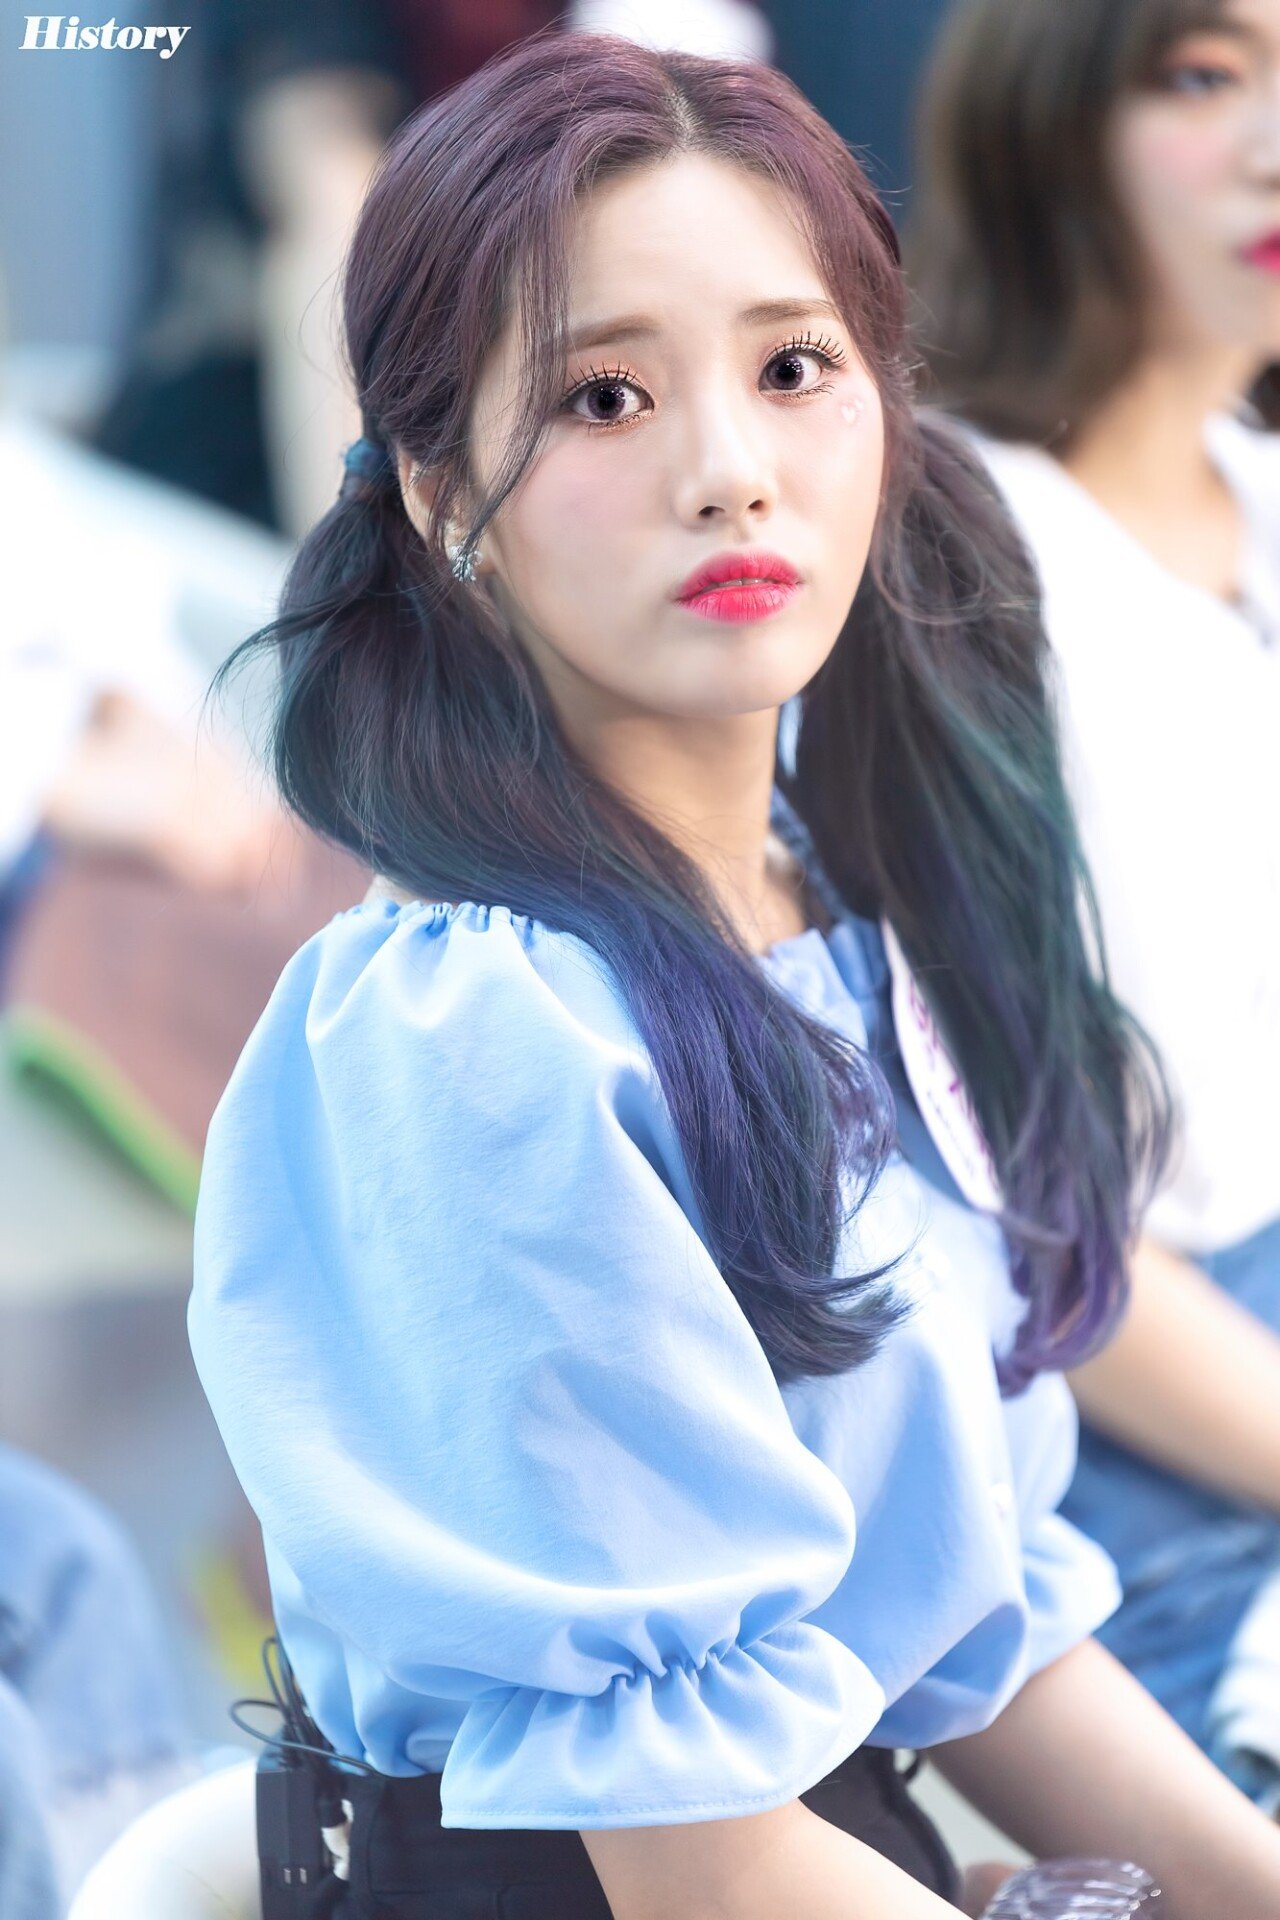 박시연 (46pics) - 걸그룹 갤러리 - 에펨코리아   Pristin, Nữ thần, Kpop